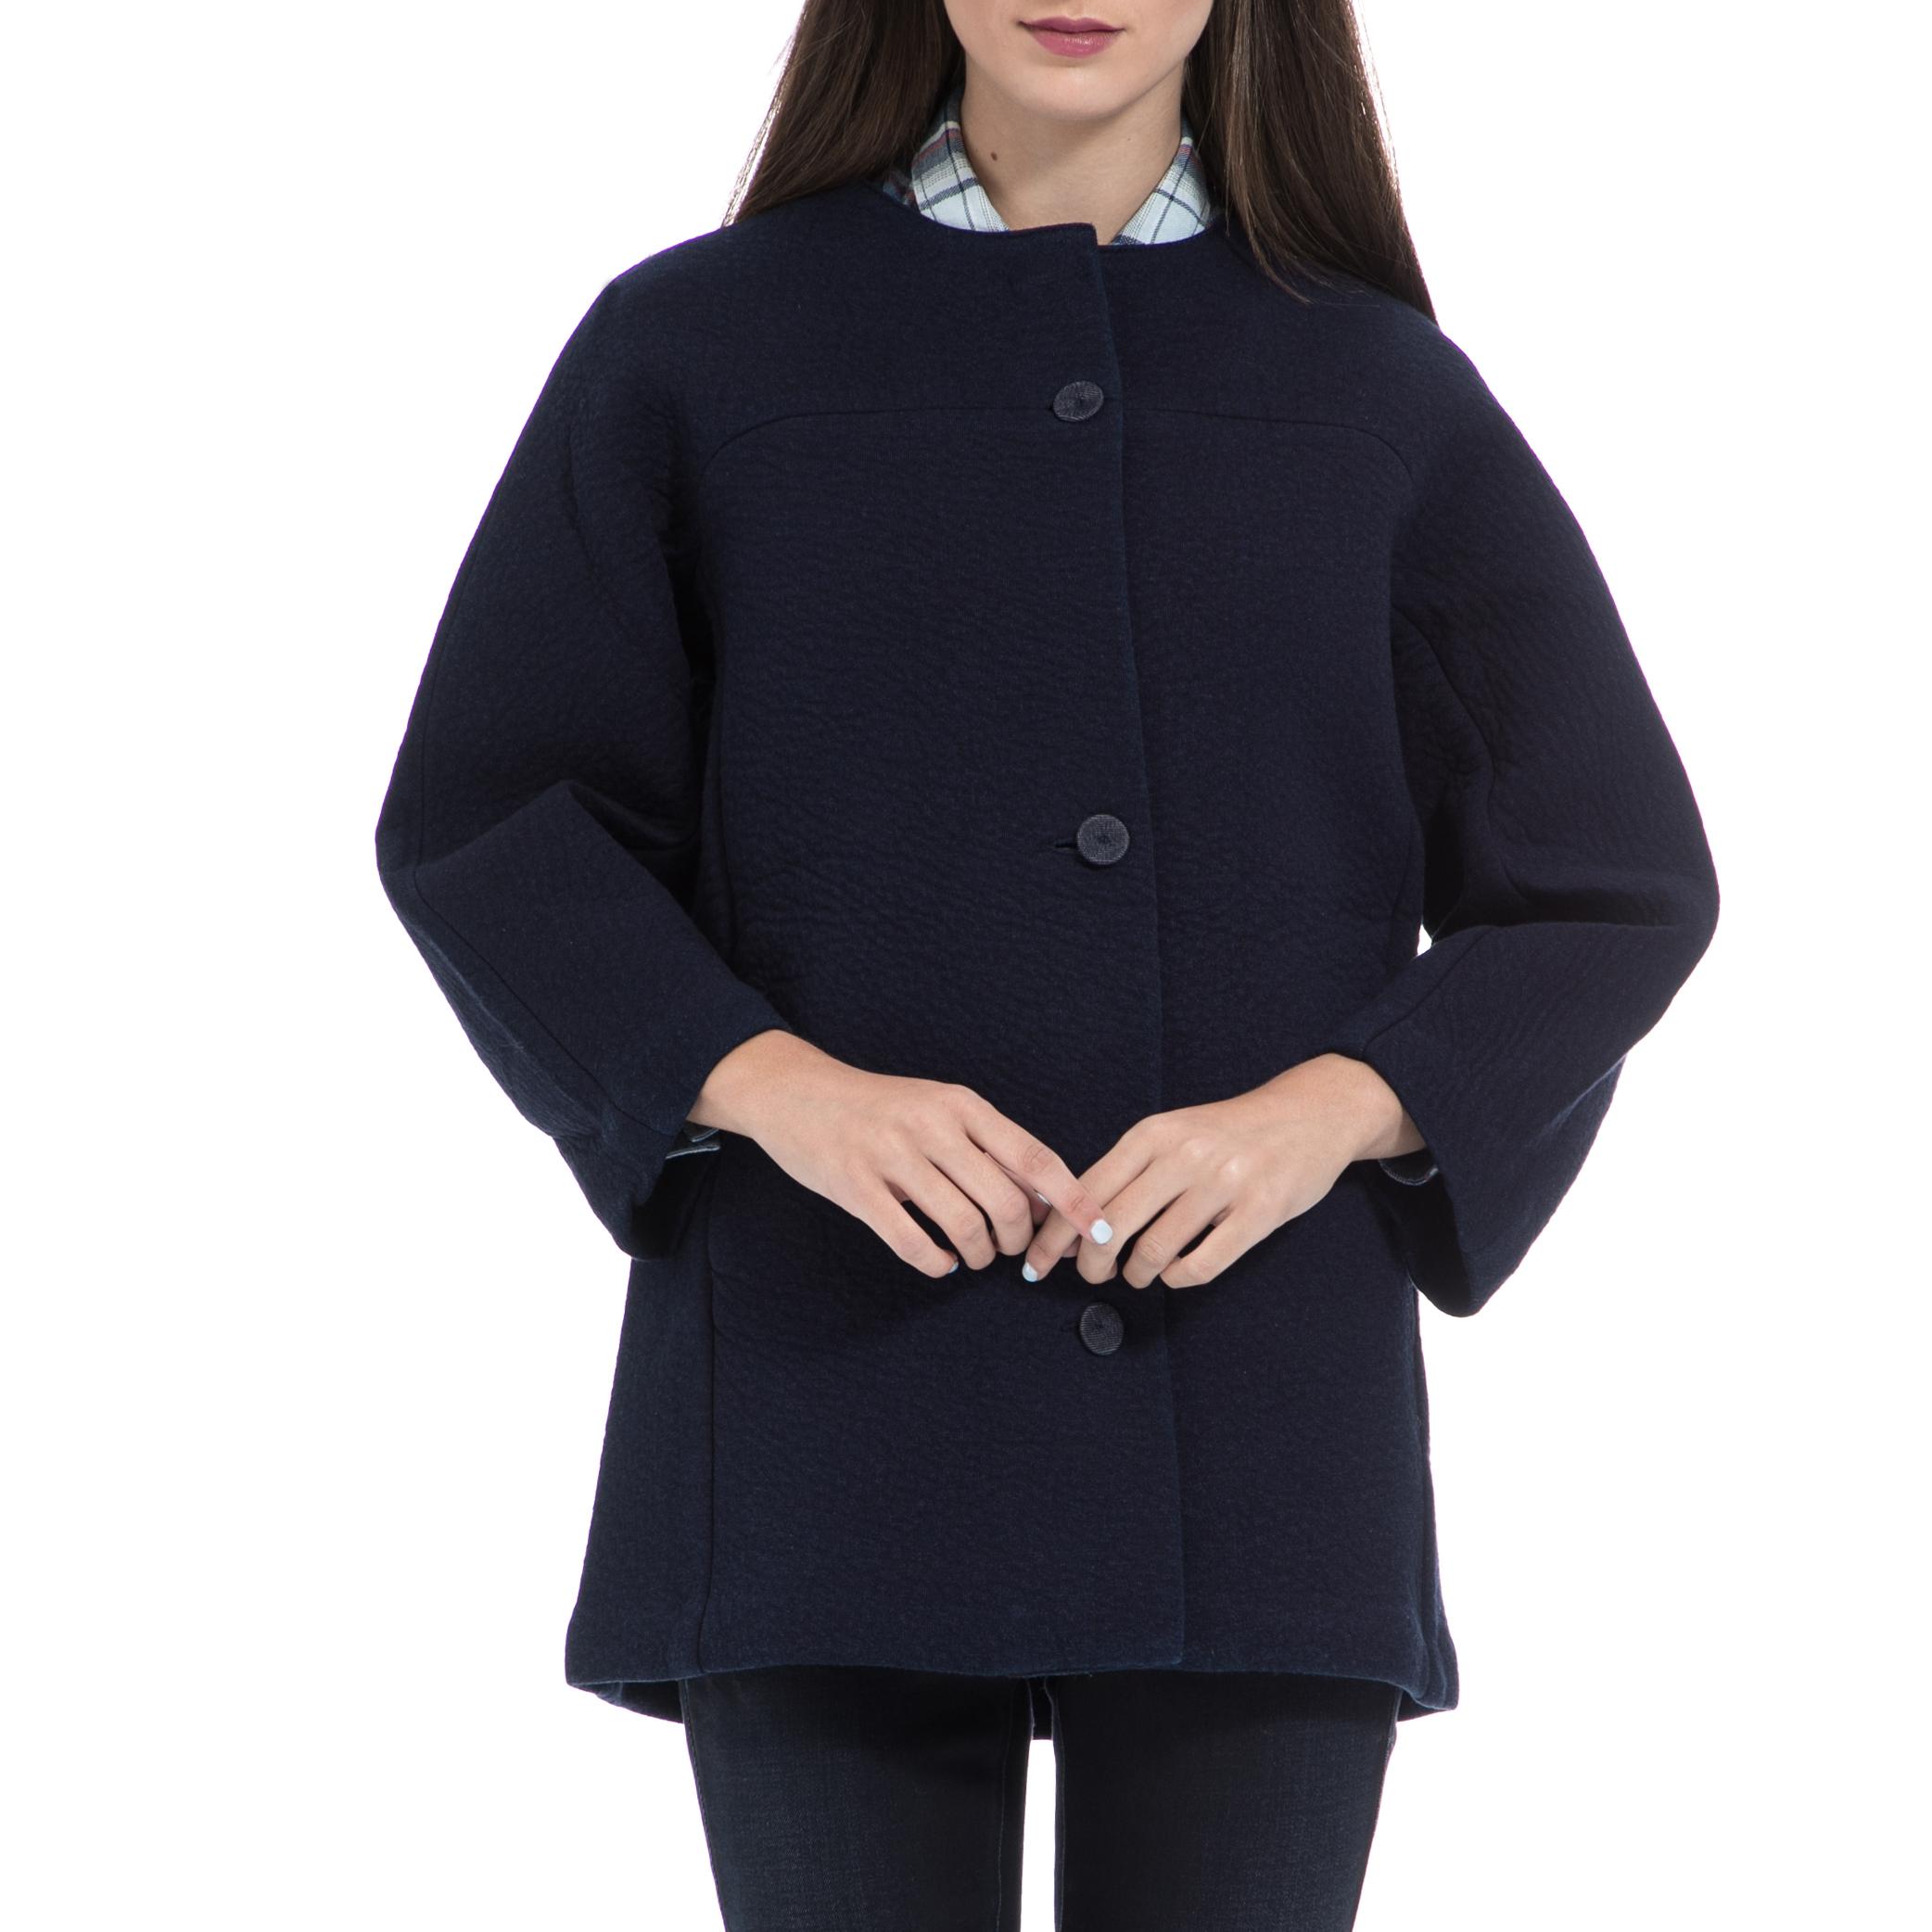 GUESS – Γυναικείο παλτό GUESS μπλε